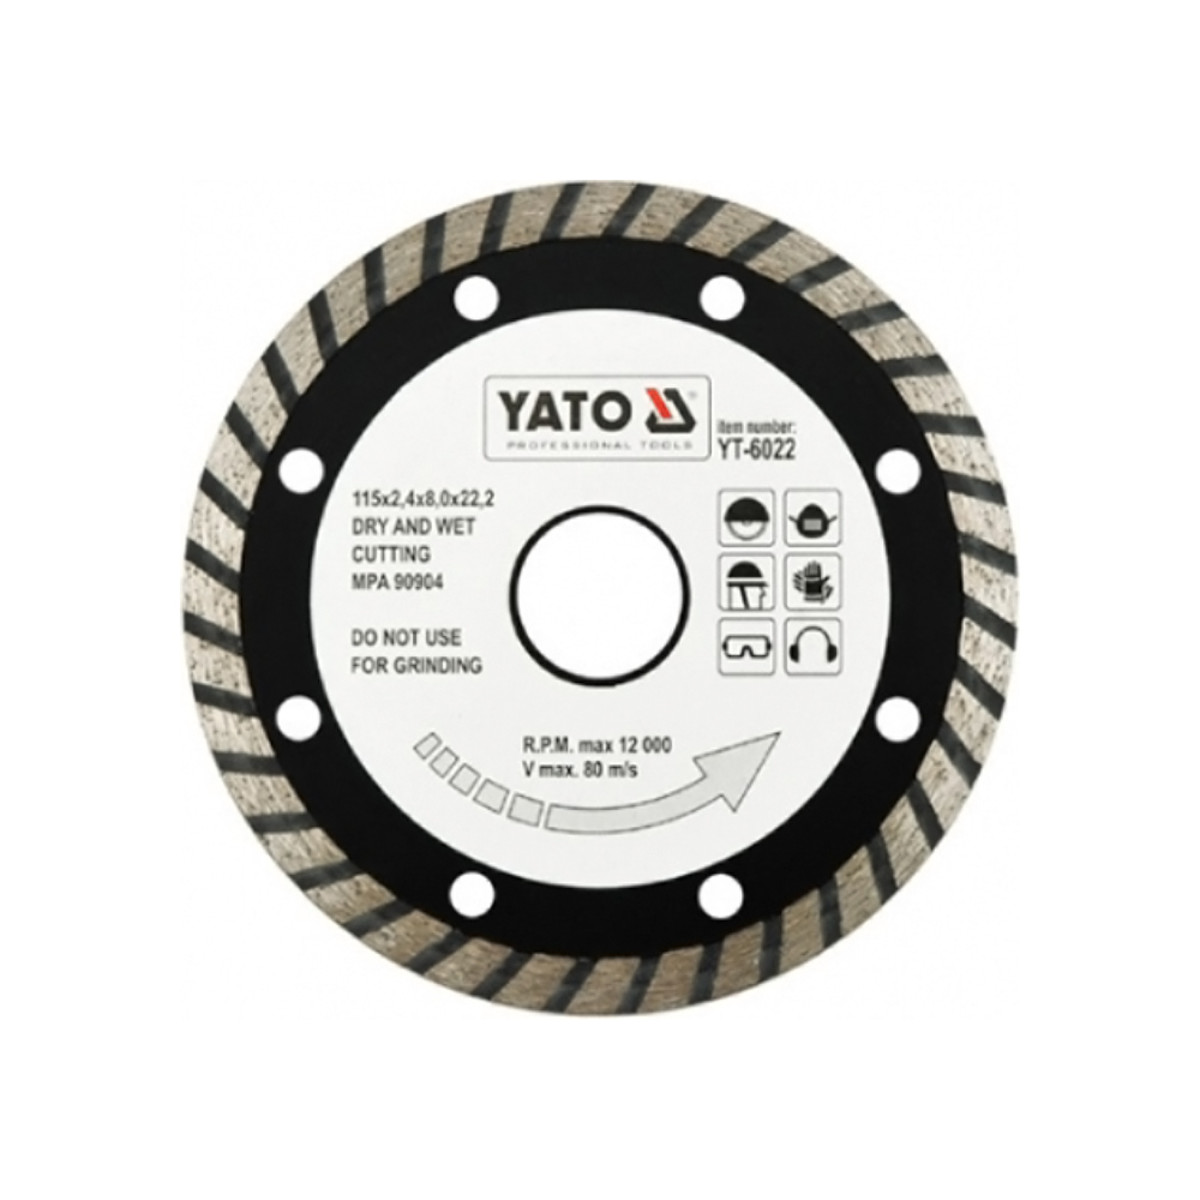 Диск Алмазный Отрезной Yato Yt-6022 115Мм Turbo